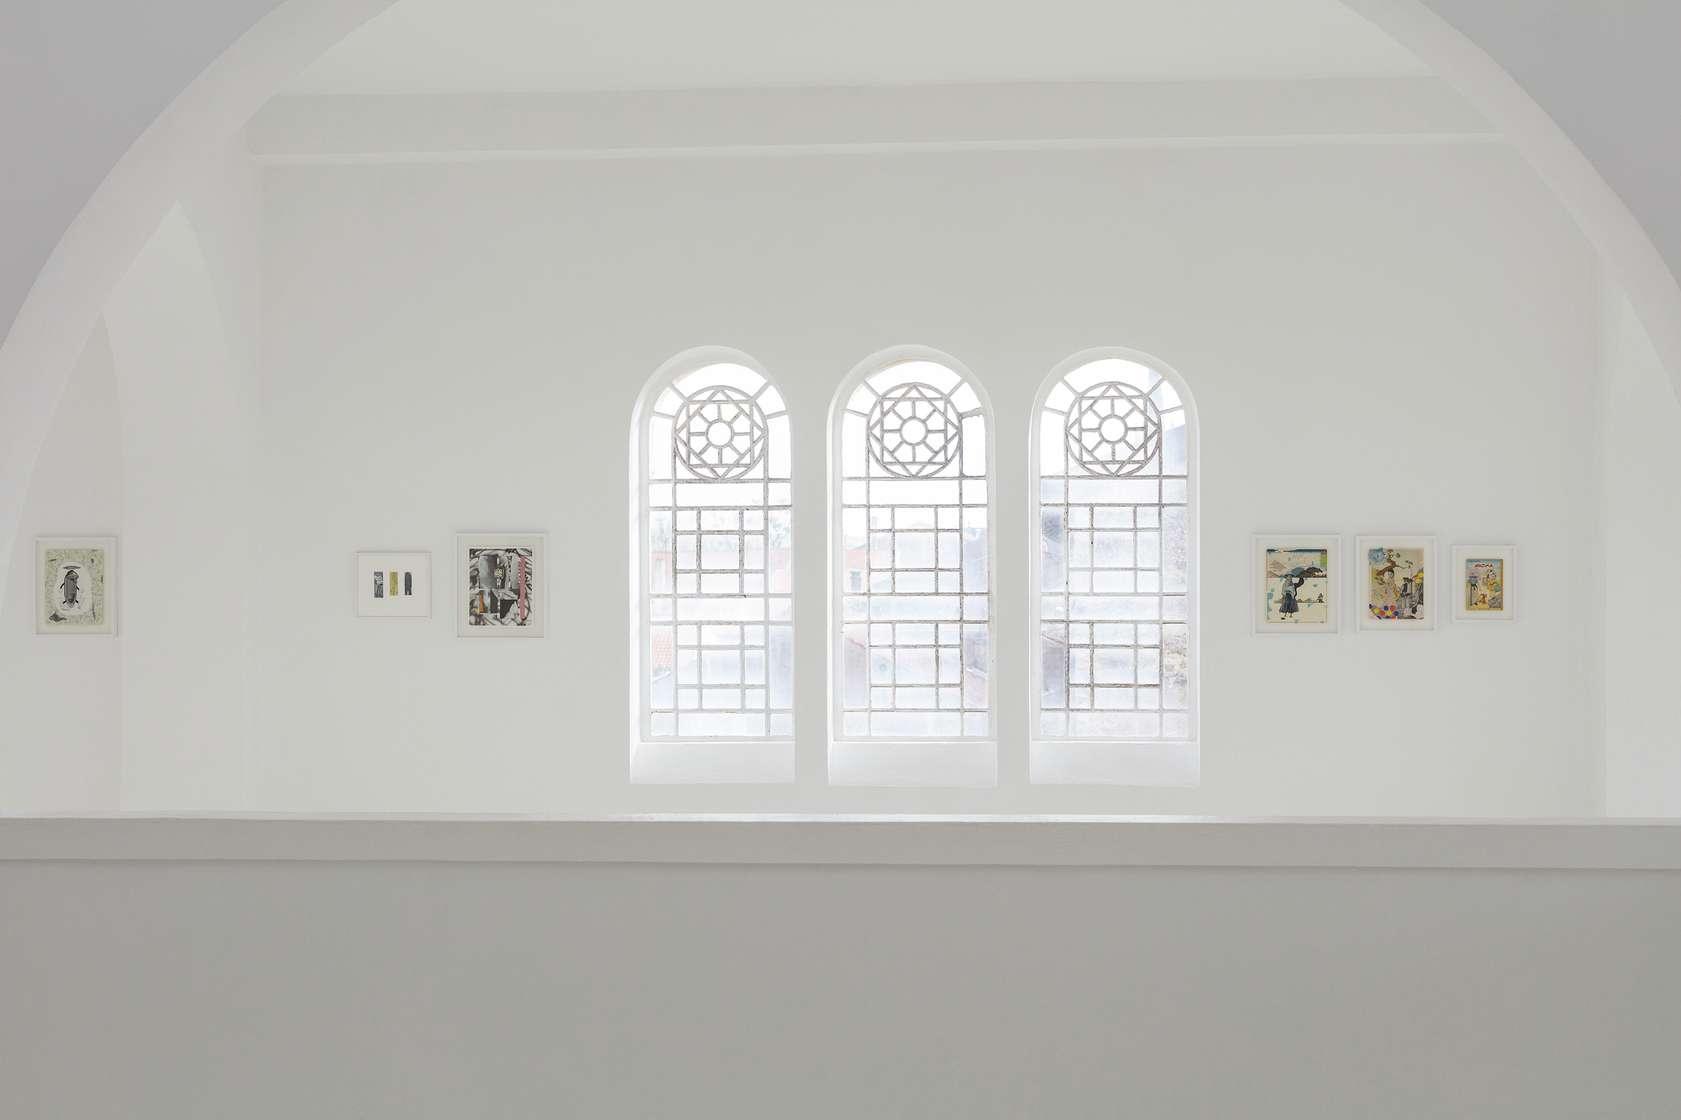 Hippolyte Hentgen Inversion / Aversion Centre d'art contemporain - la Synagogue de Delme (FR) 10 novembre 2018 — 27 février 2019